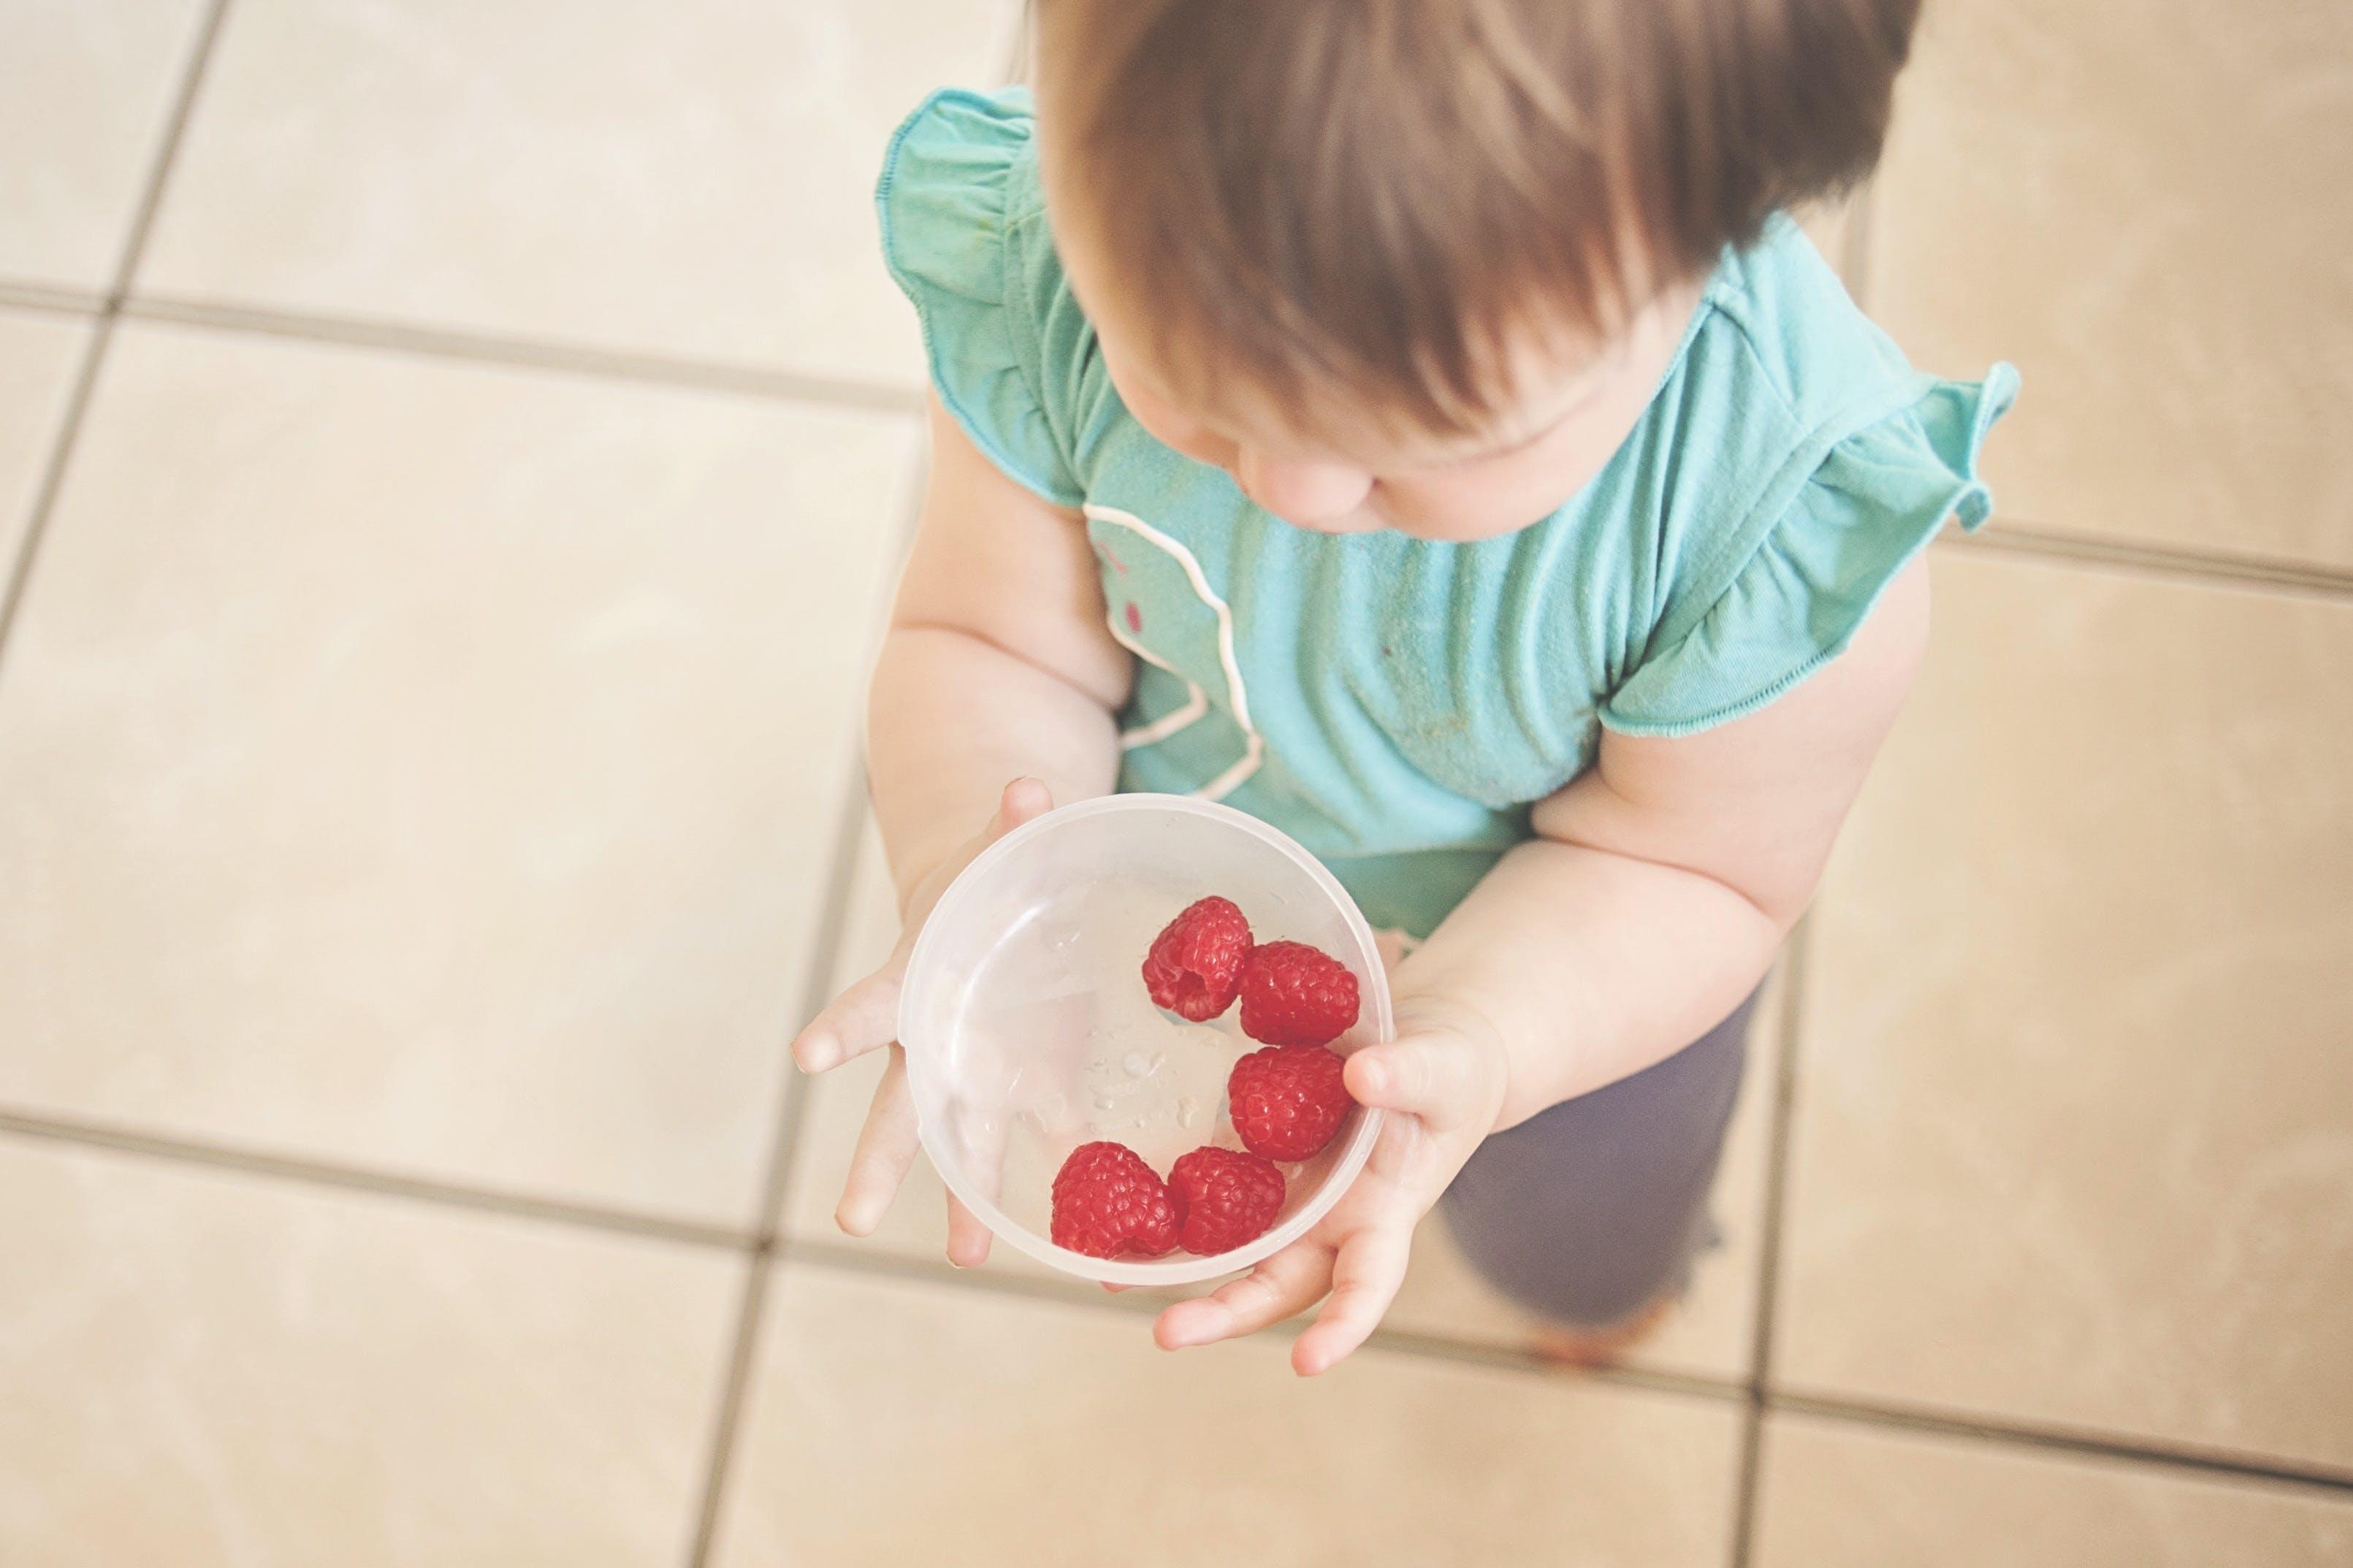 Toddler Holding White Bowl